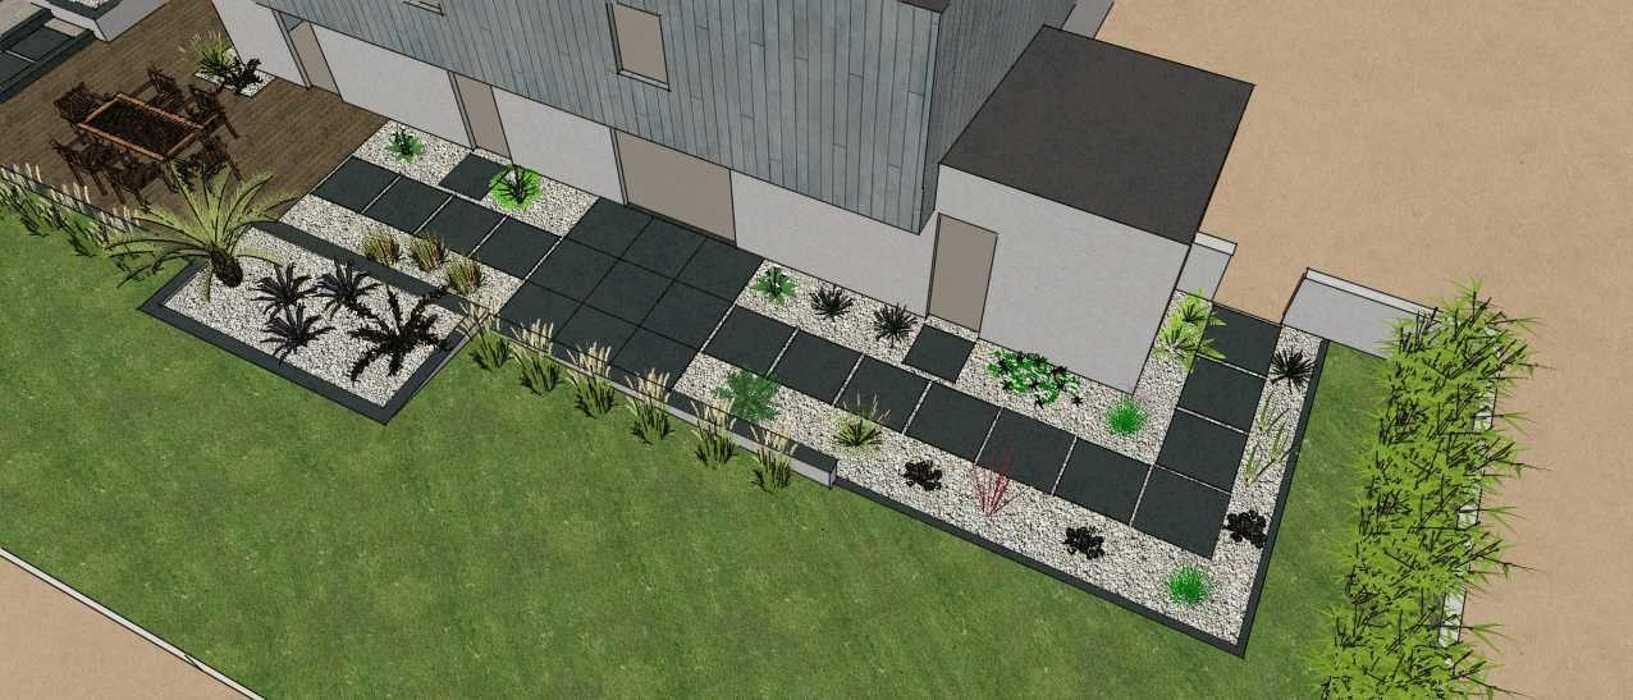 Terrasses communicantes sur différents niveaux renault3d5